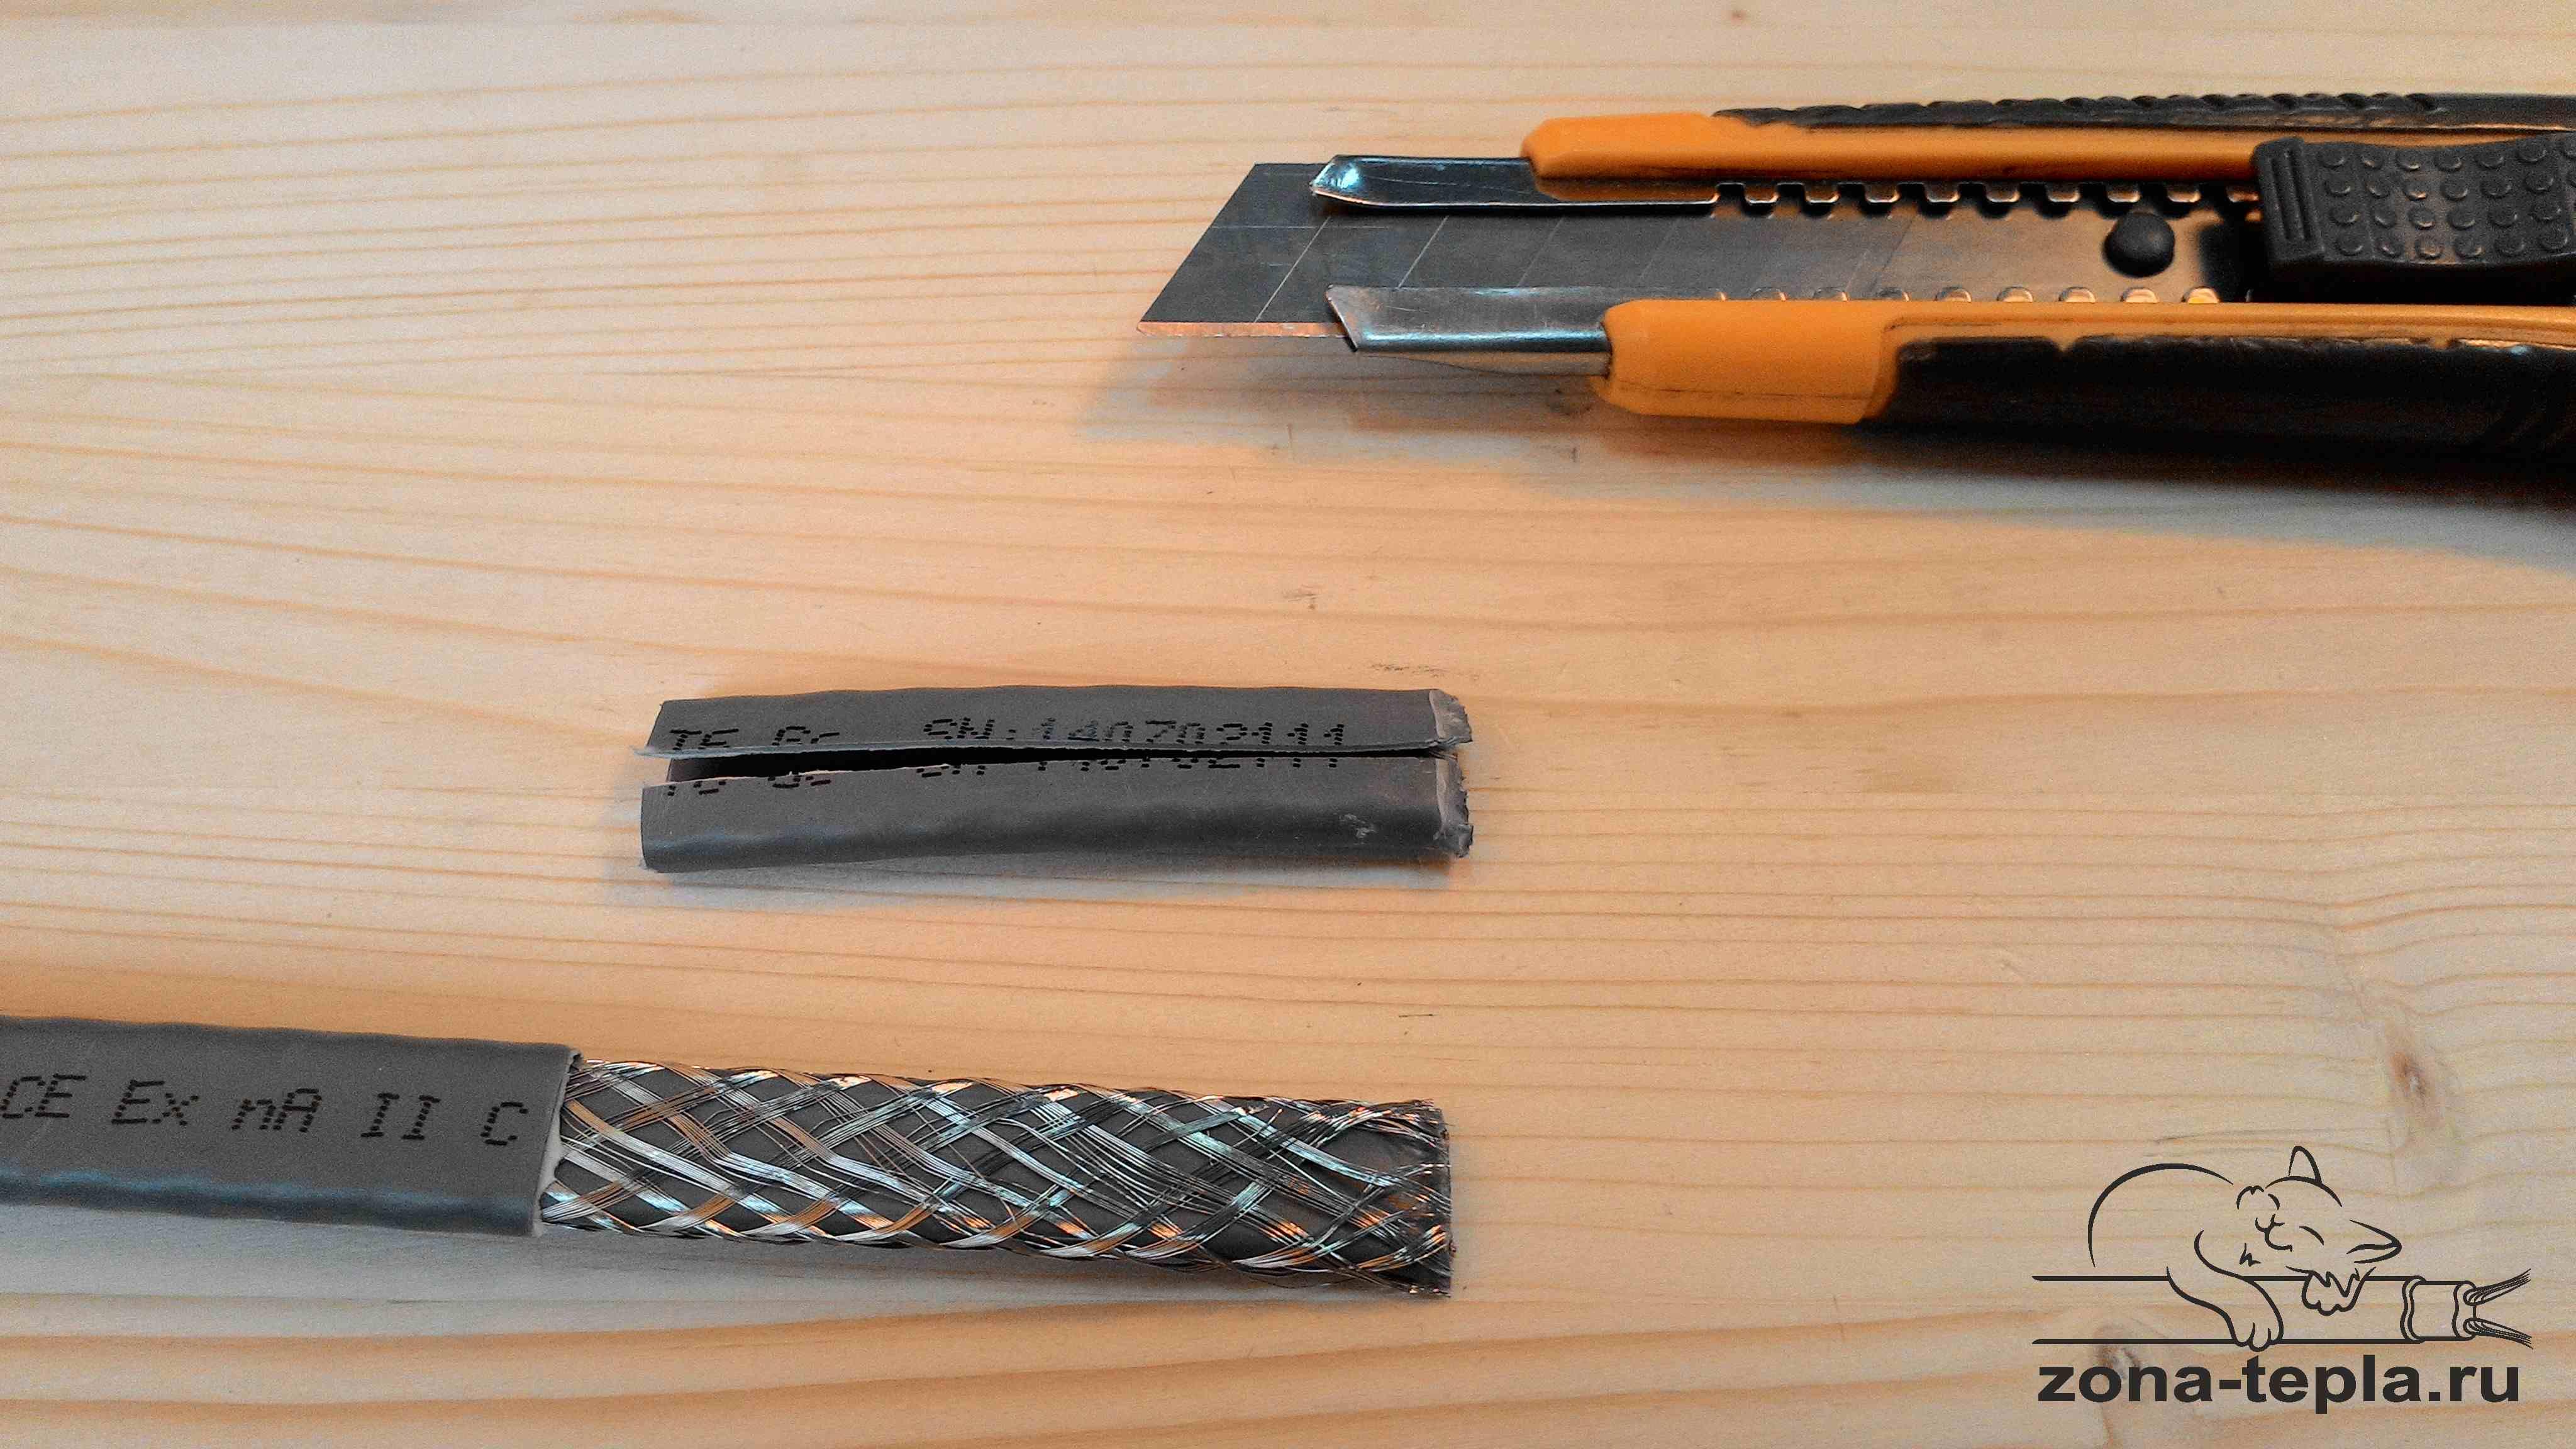 Подключение греющего кабеля. 3-снимаем внешнюю изоляцию